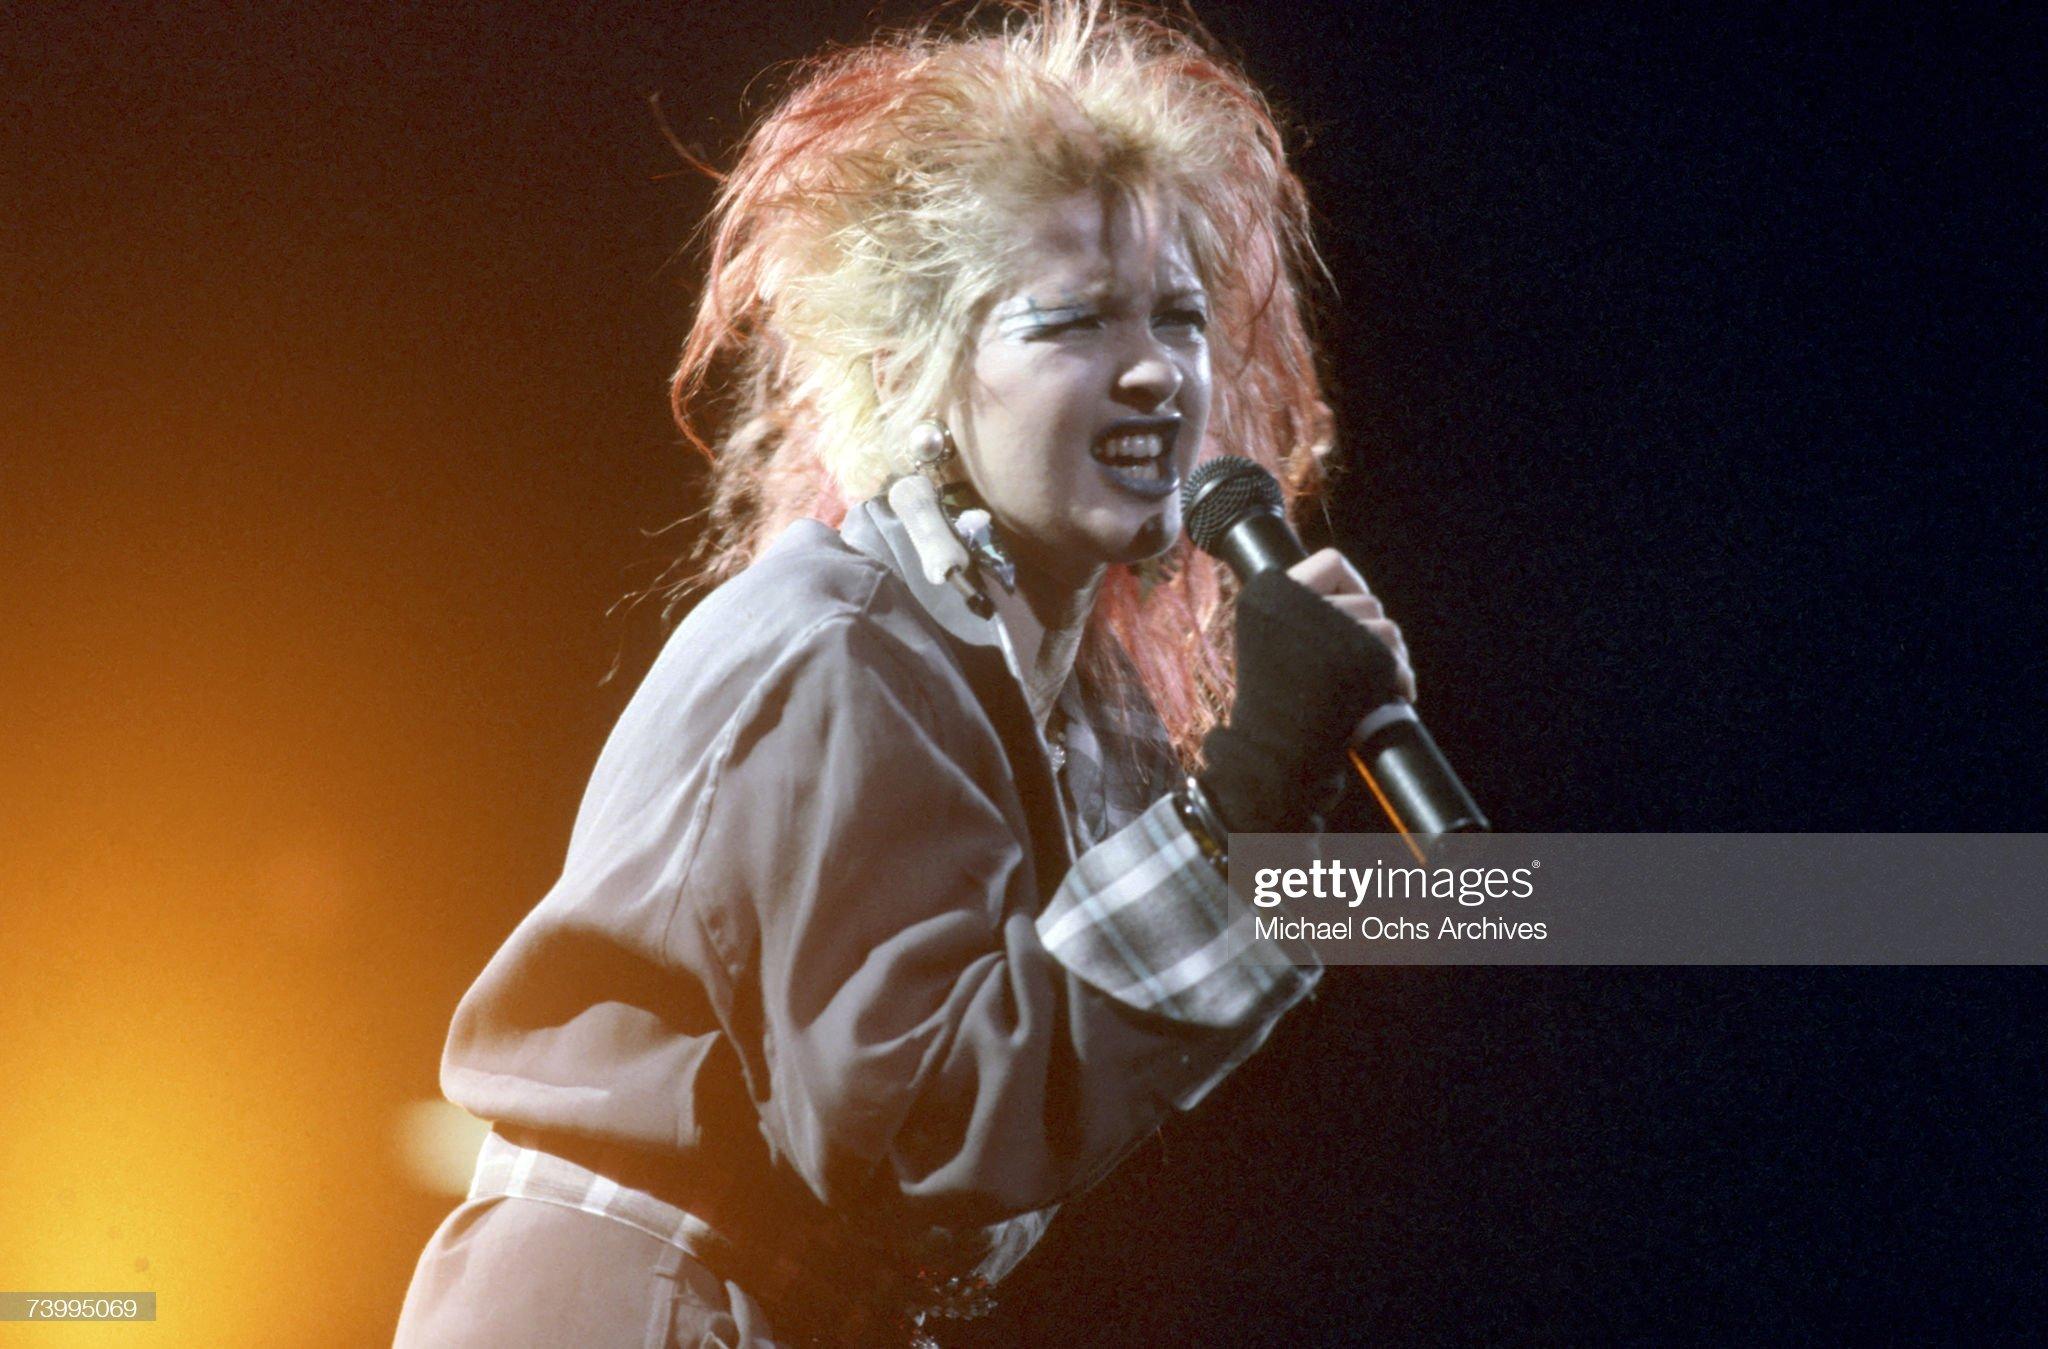 Photo of Cyndi Lauper : News Photo